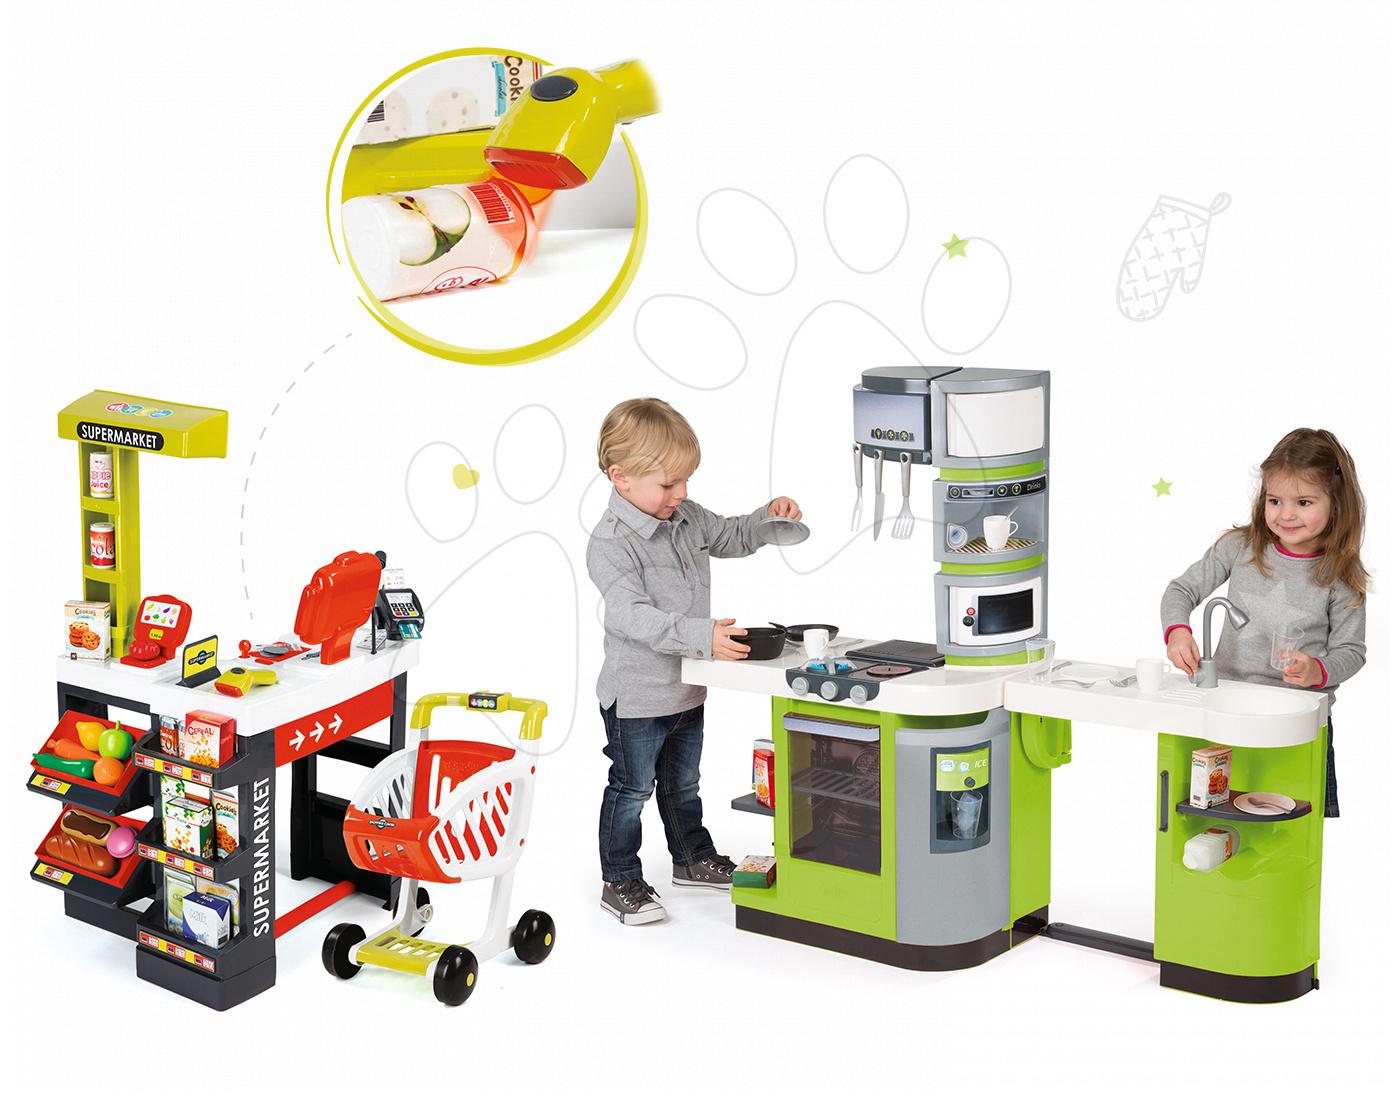 Smoby set kuchyňka CookMaster Verte a elektronický obchod Supermarket 311102-22c